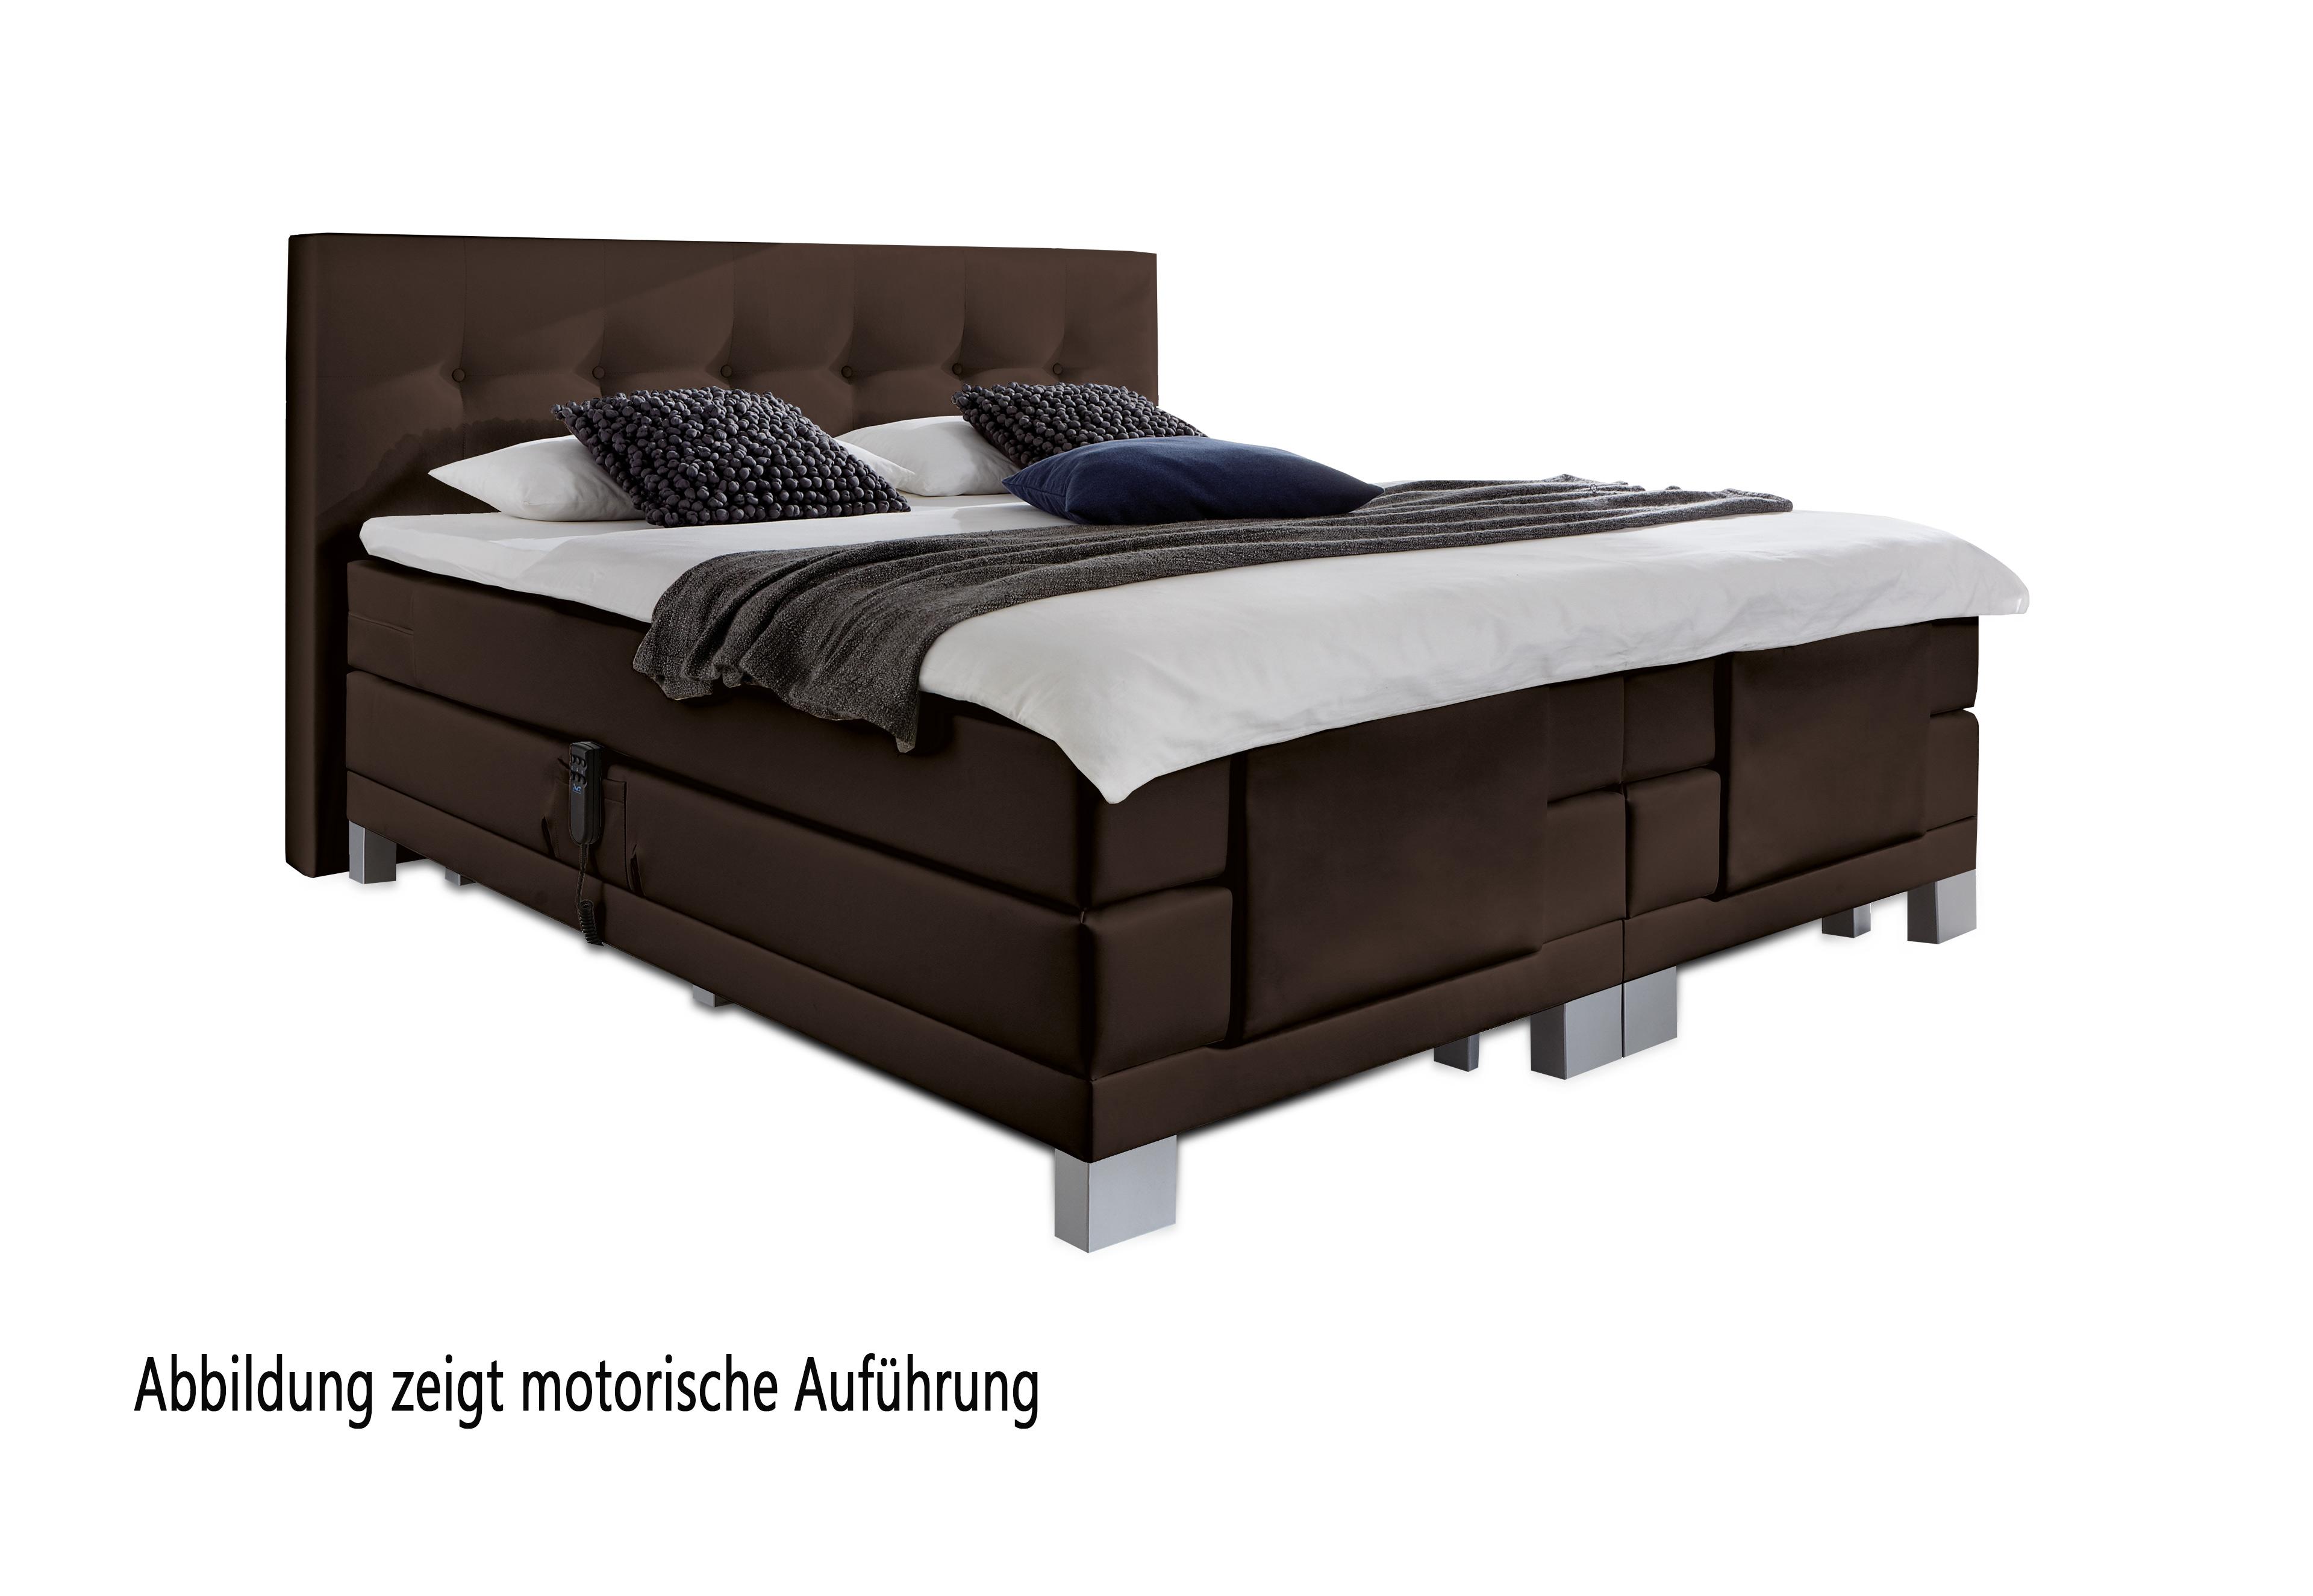 boxspringbett allround von napco in braun m bel letz ihr online shop. Black Bedroom Furniture Sets. Home Design Ideas